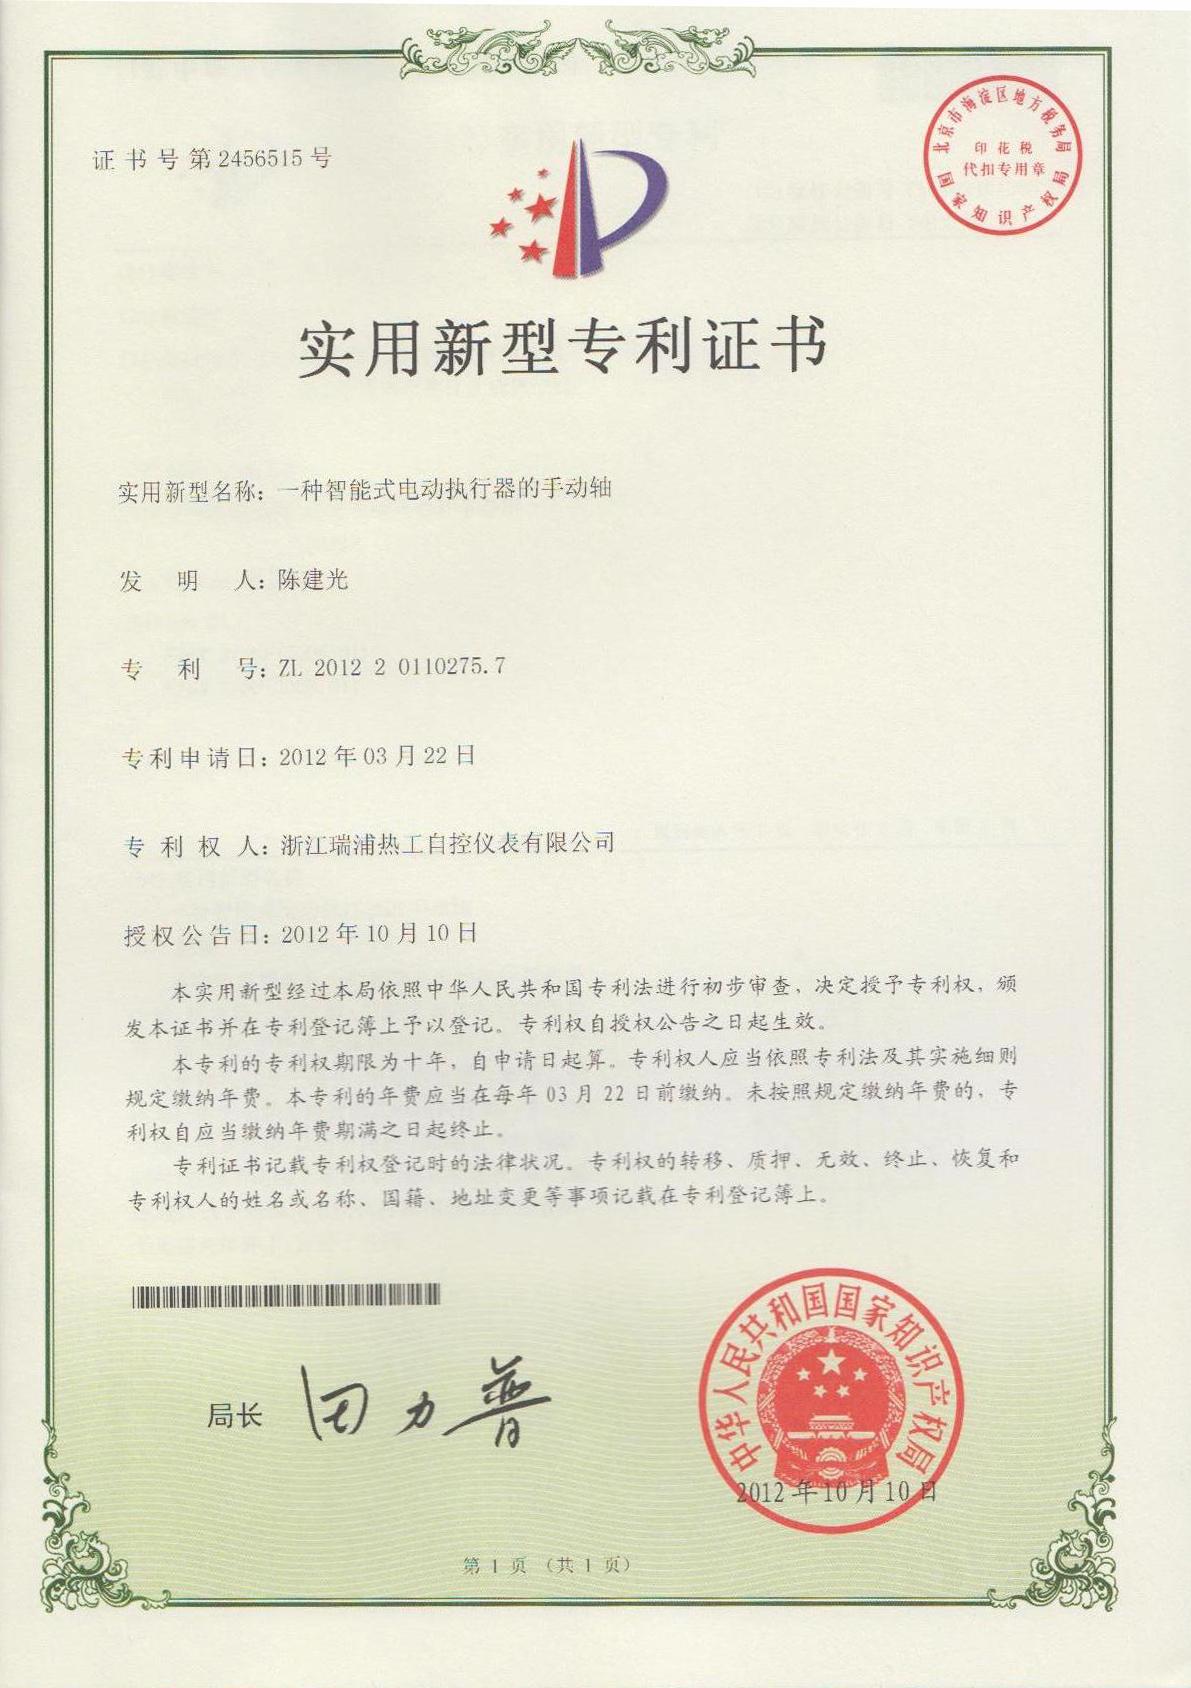 实用新型专利证书-2